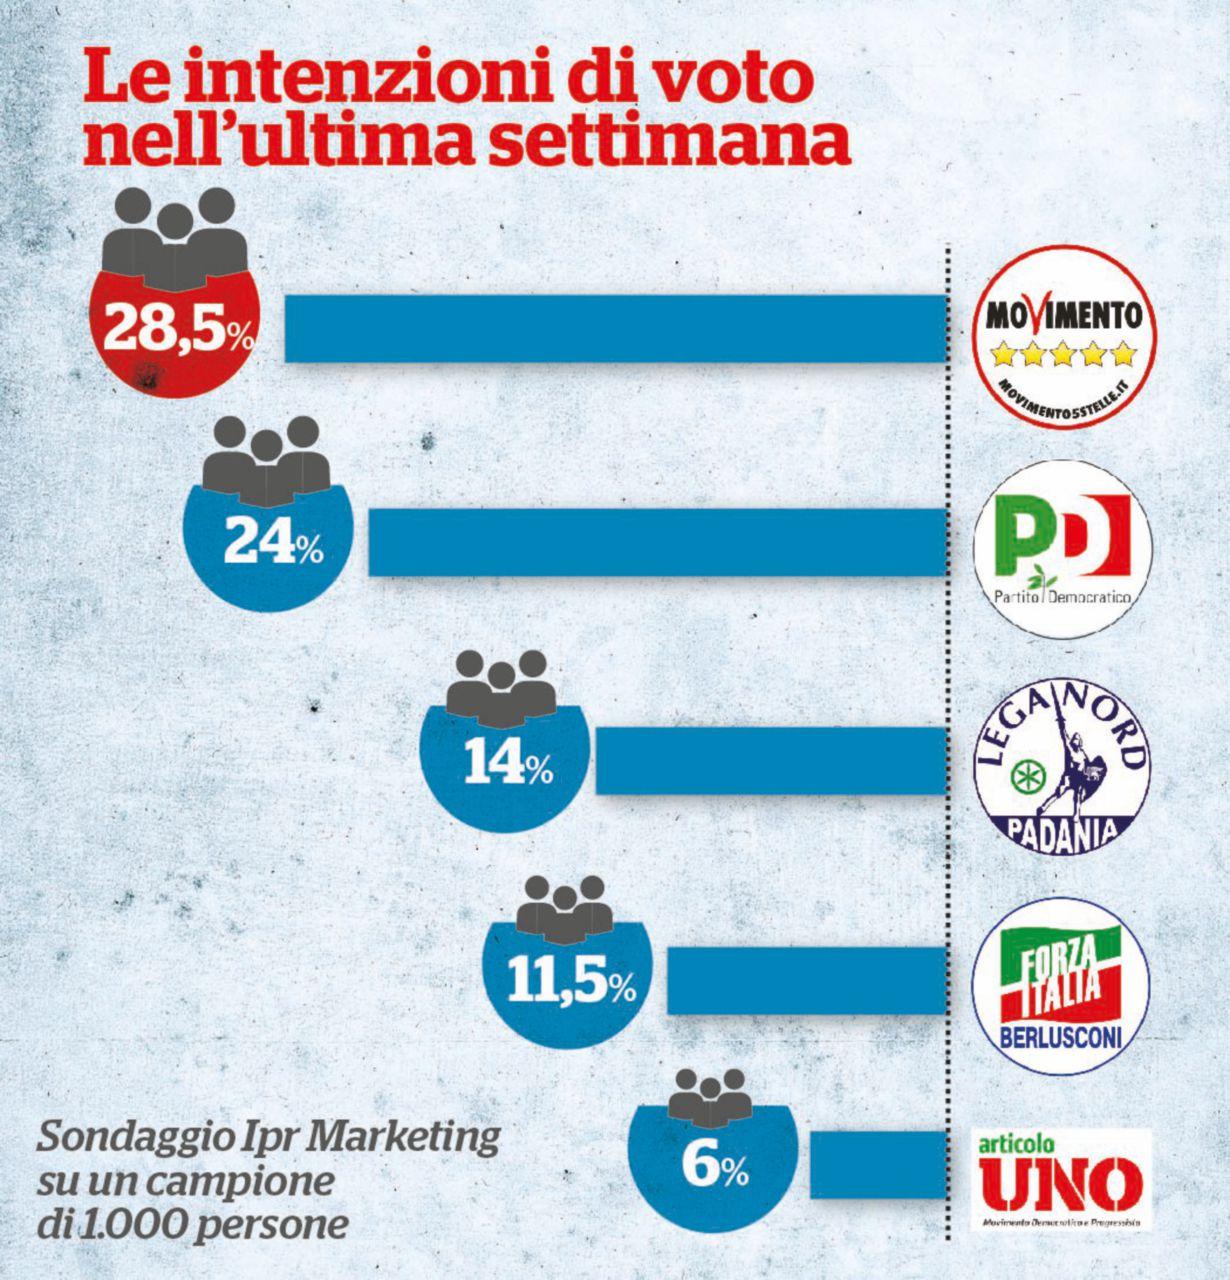 Sondaggi, l'effetto Renzi sui sondaggi continua: il Pd crolla al 24%